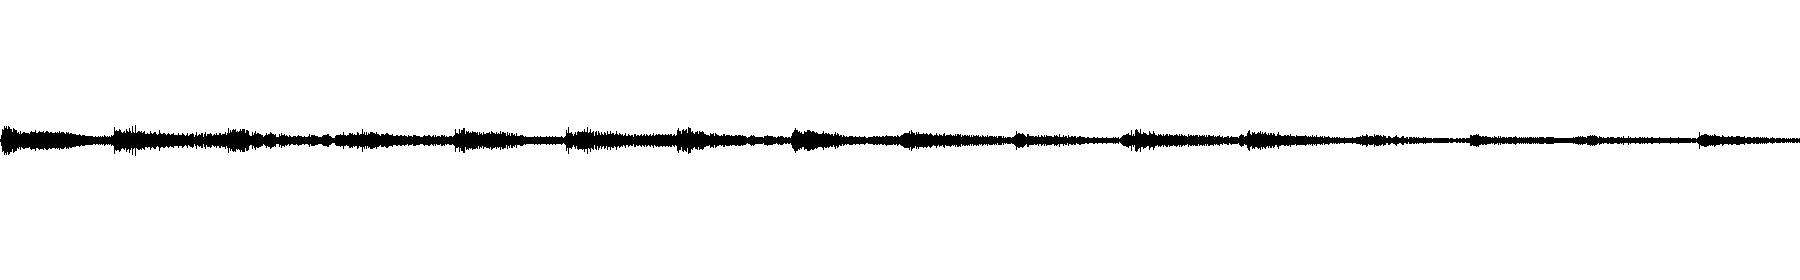 trm 125 c zheng1